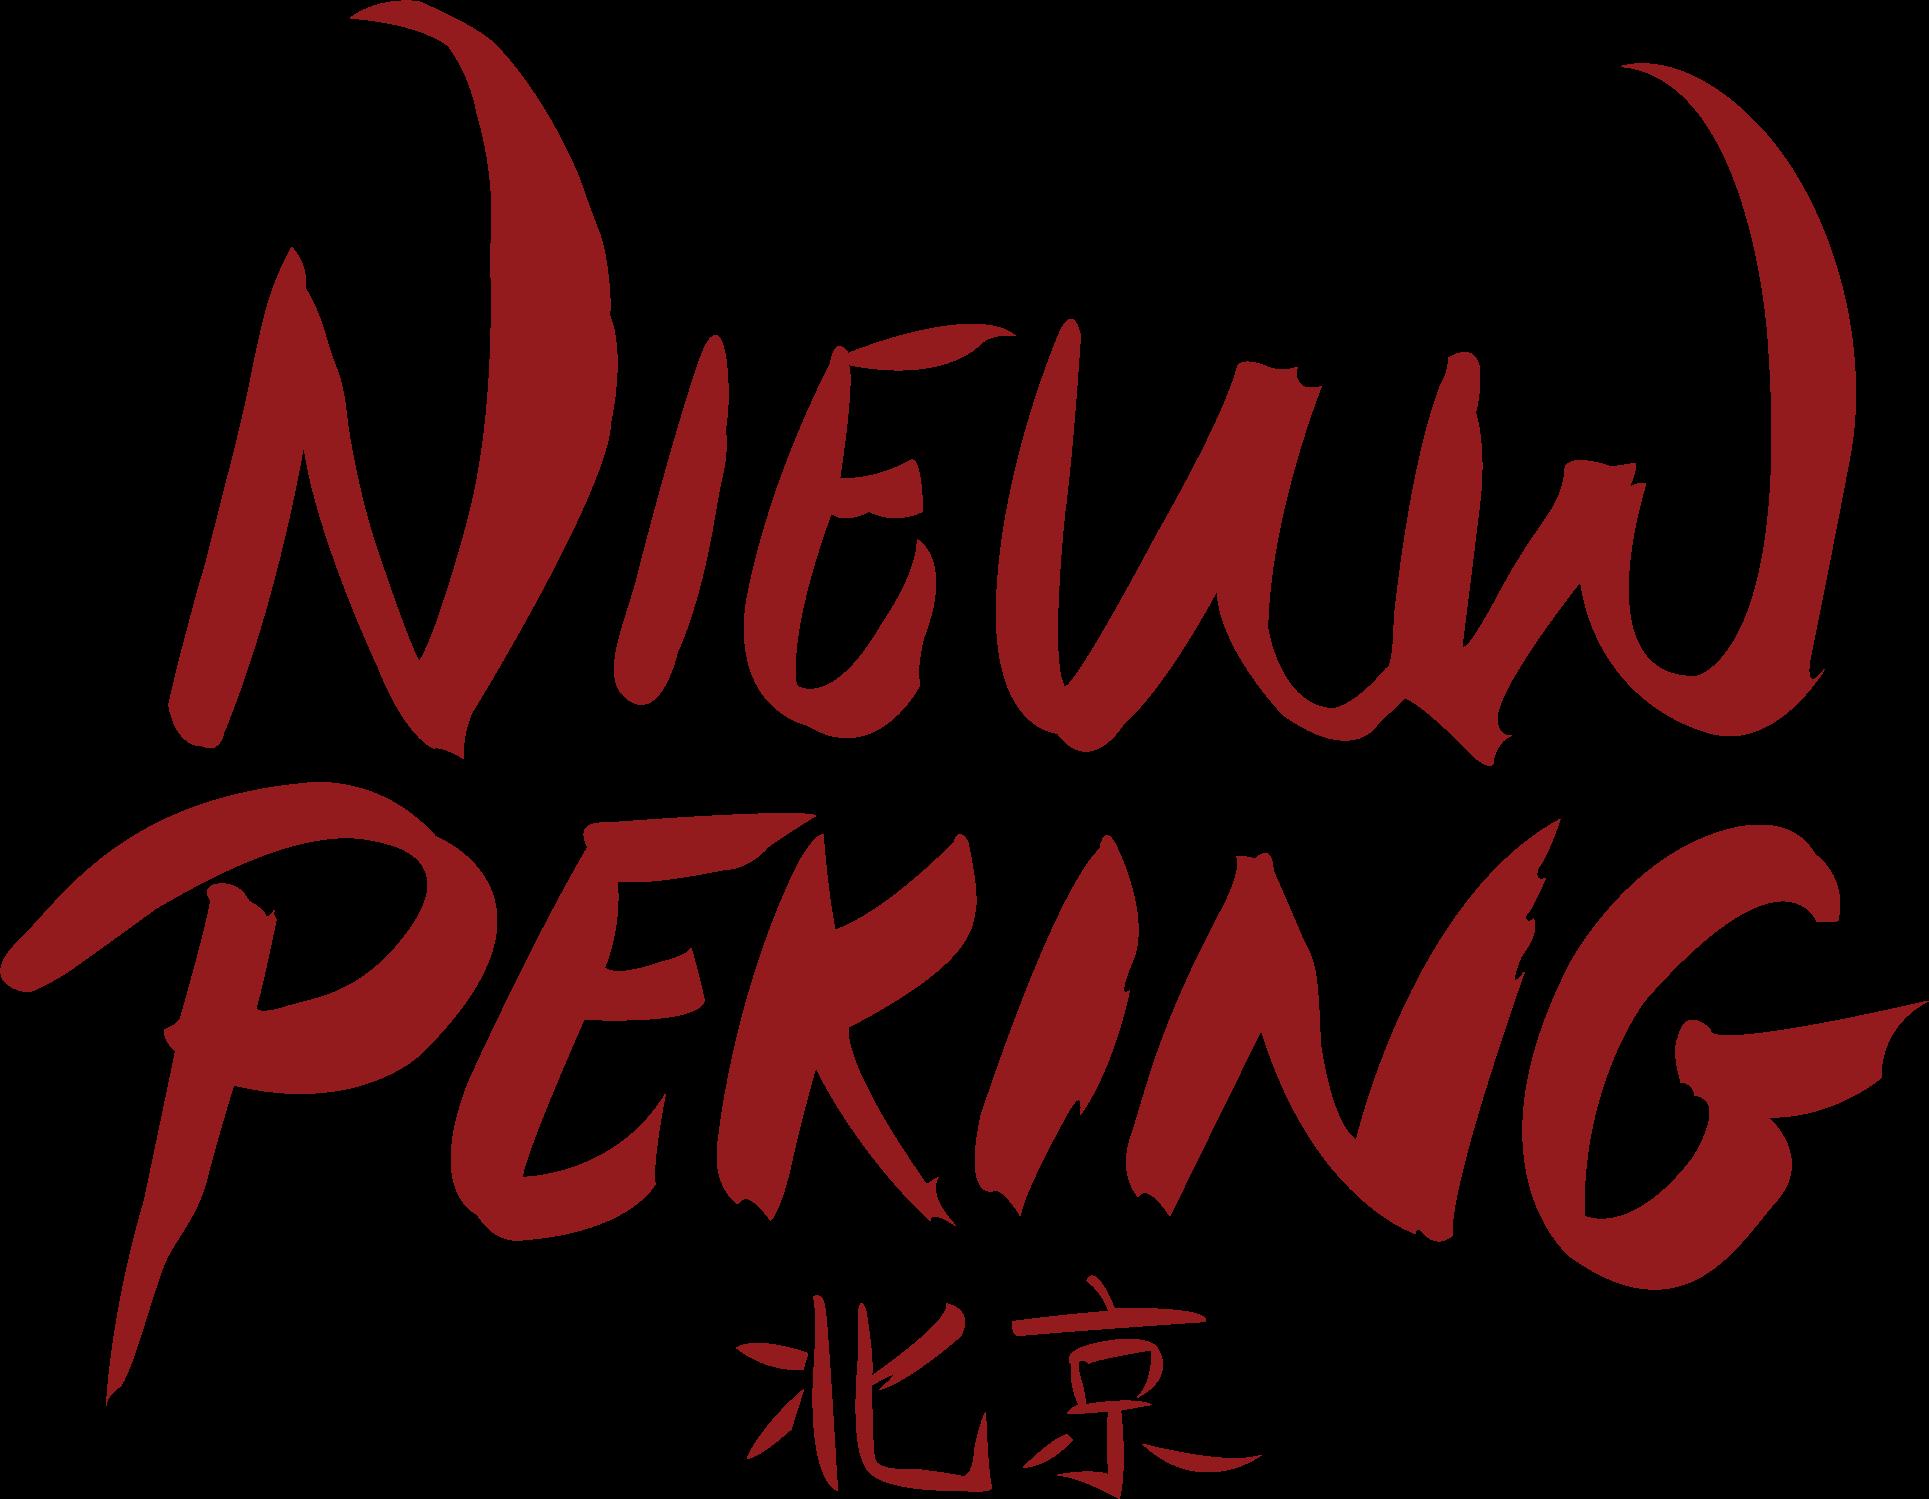 Nieuw Peking